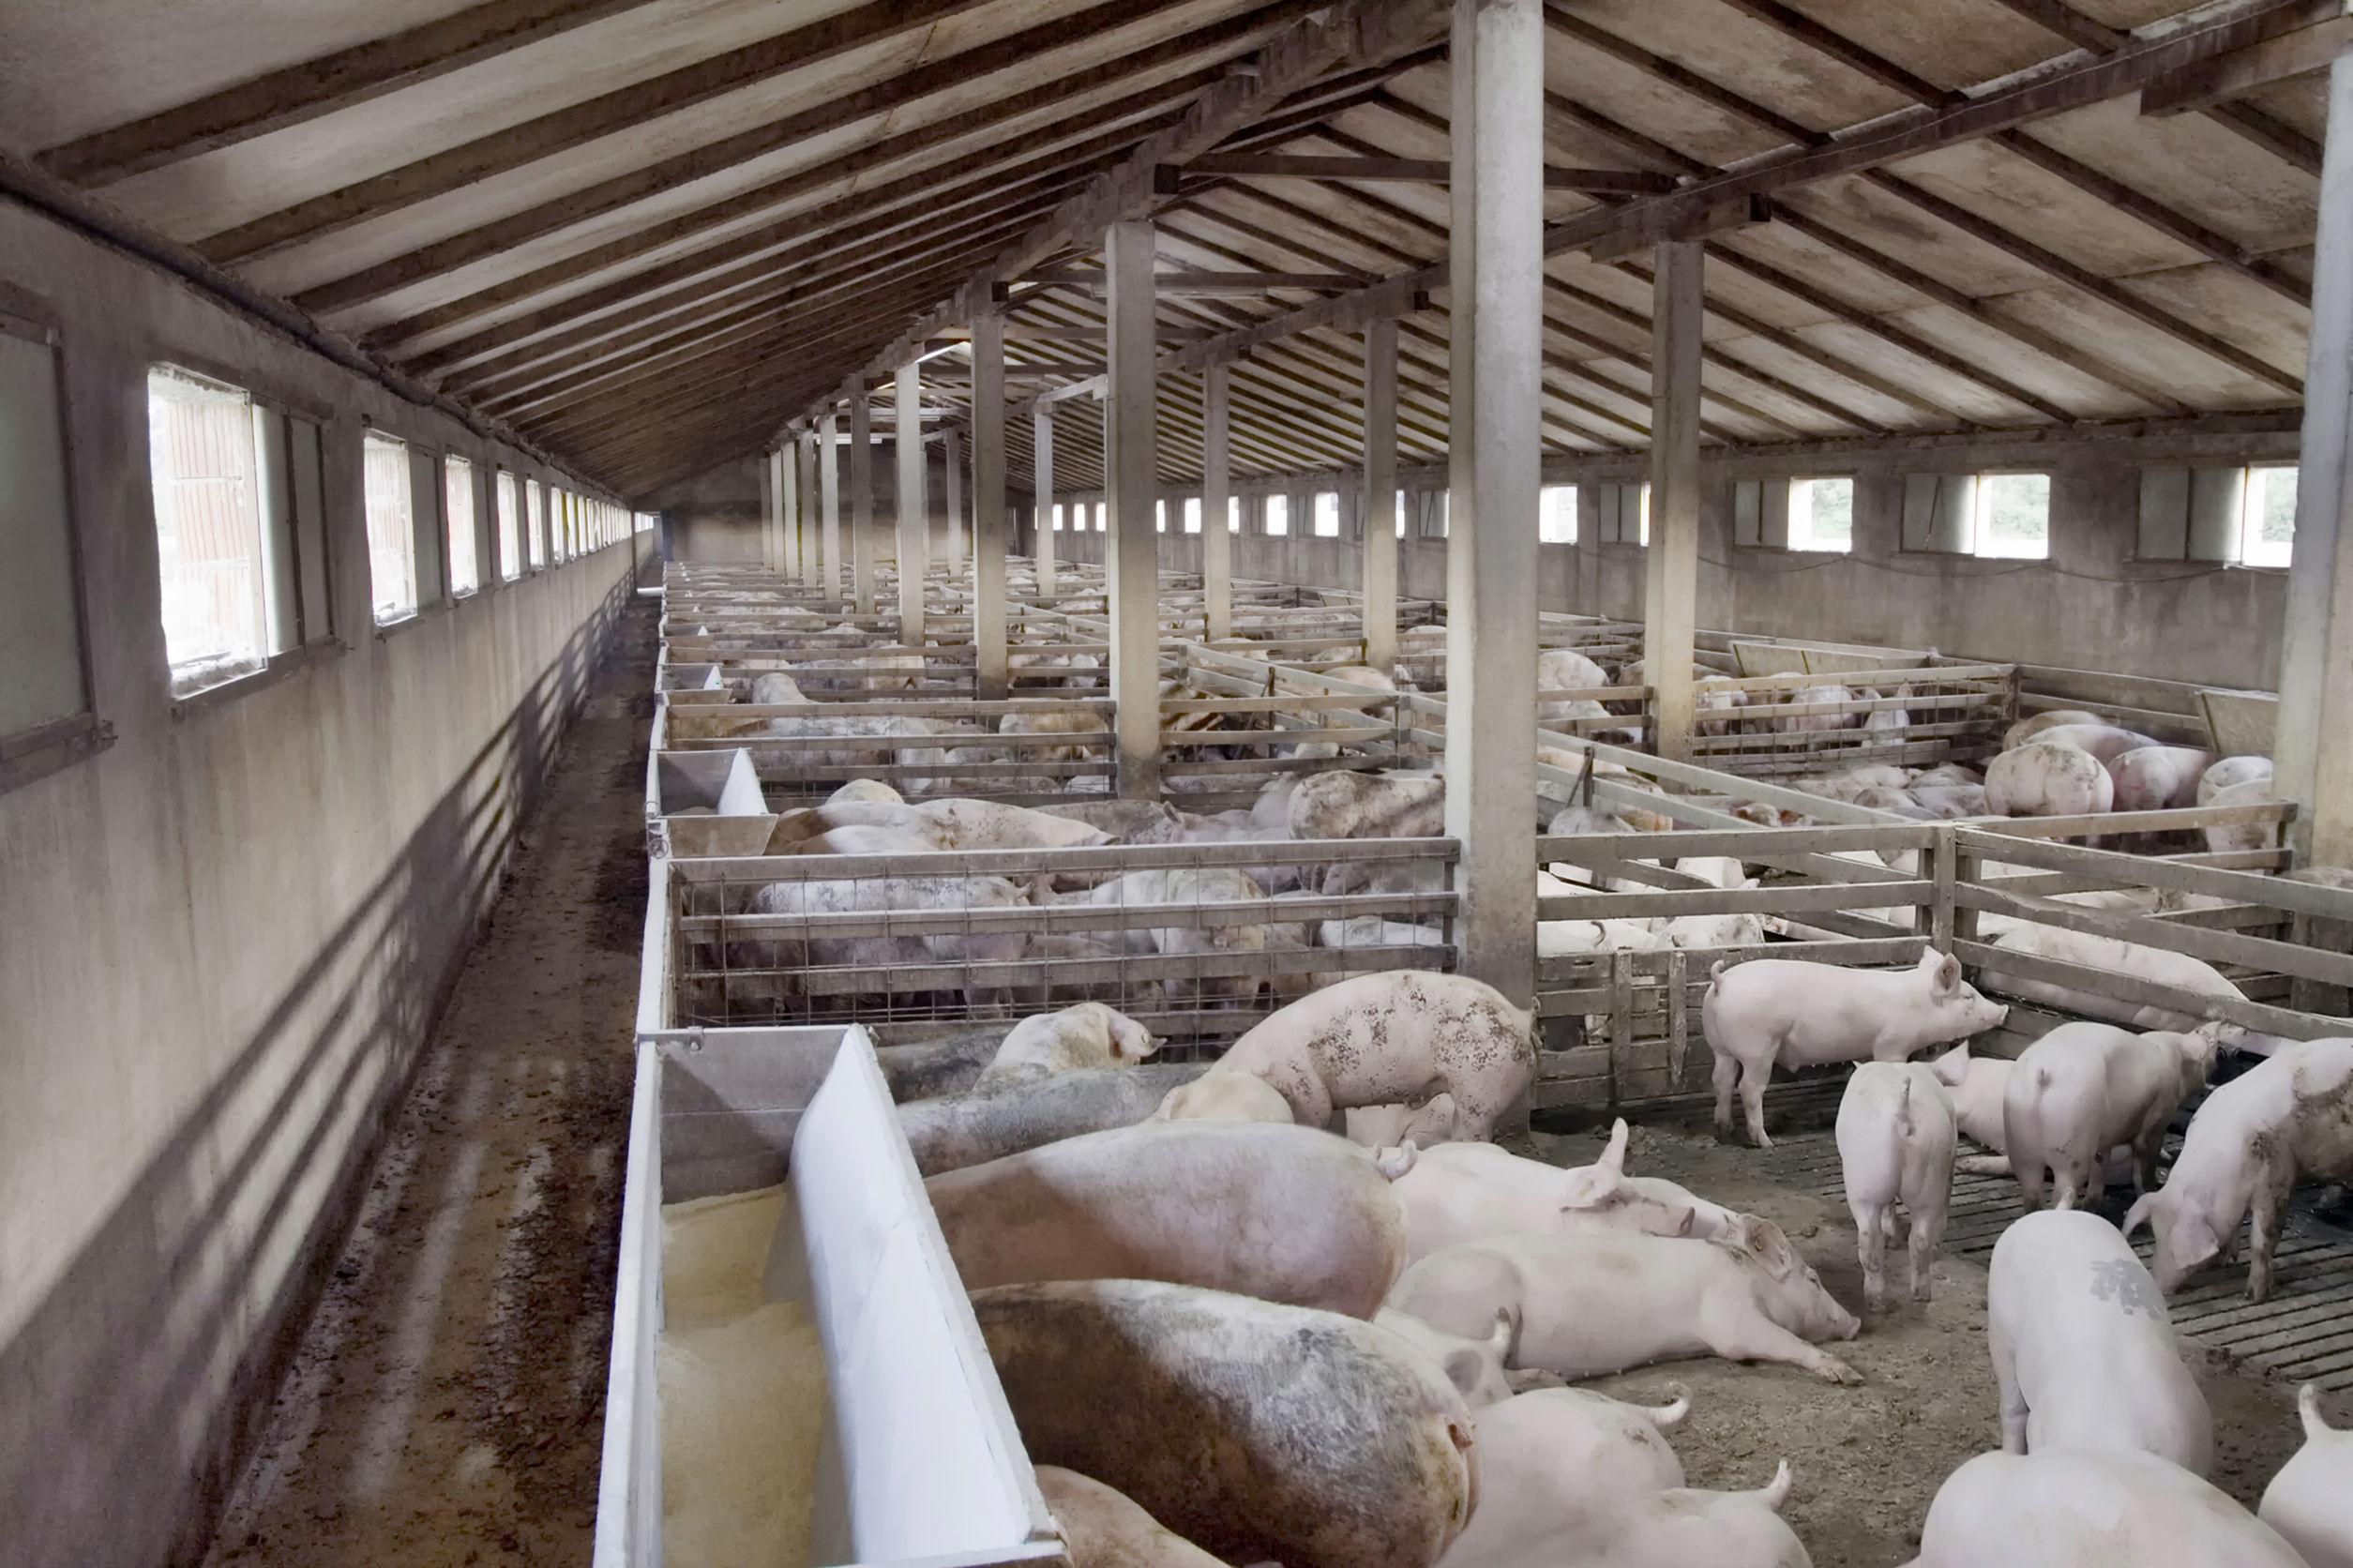 Pesta porcină africană a ajuns şi în Călăraşi, cel de-al nouălea judeţ afectat de virus